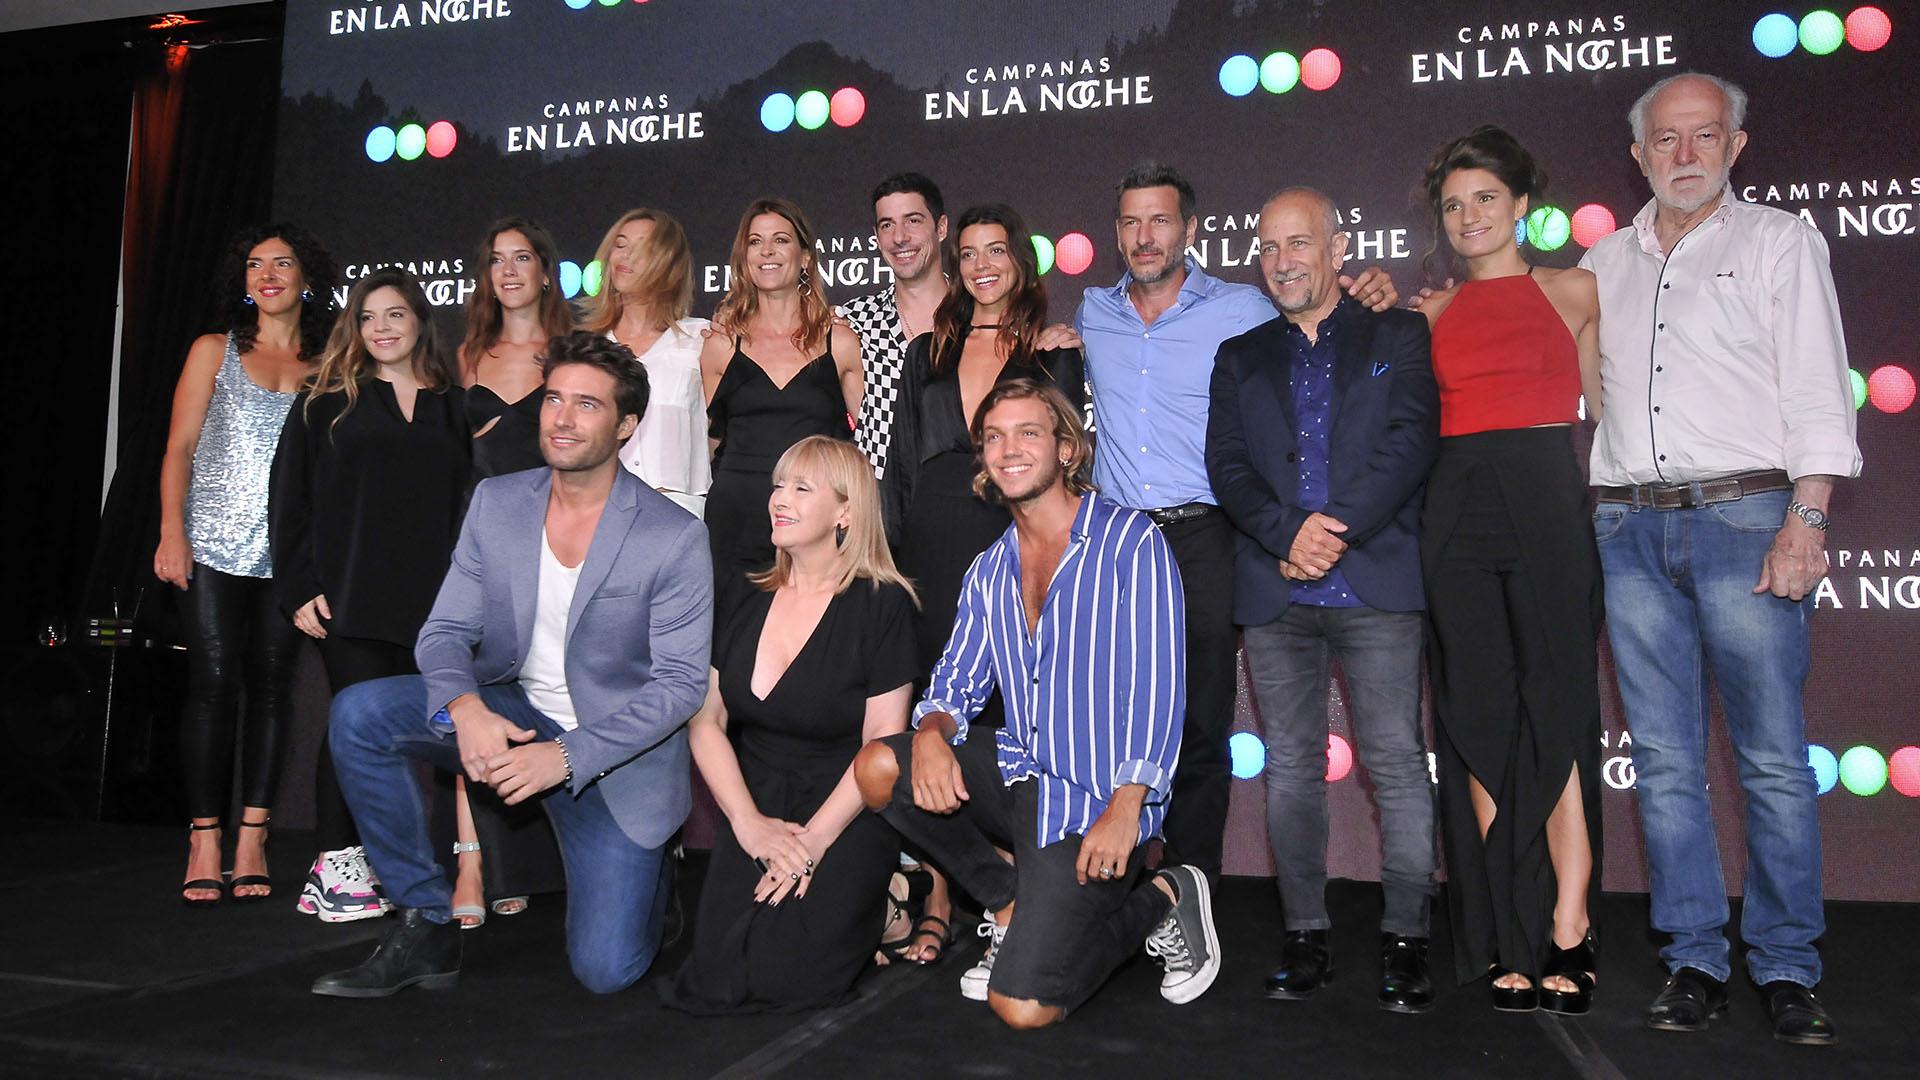 El elenco completo de la tira, durante el evento realizado en Puerto Madero (Crédito de Fotos: Teleshow)